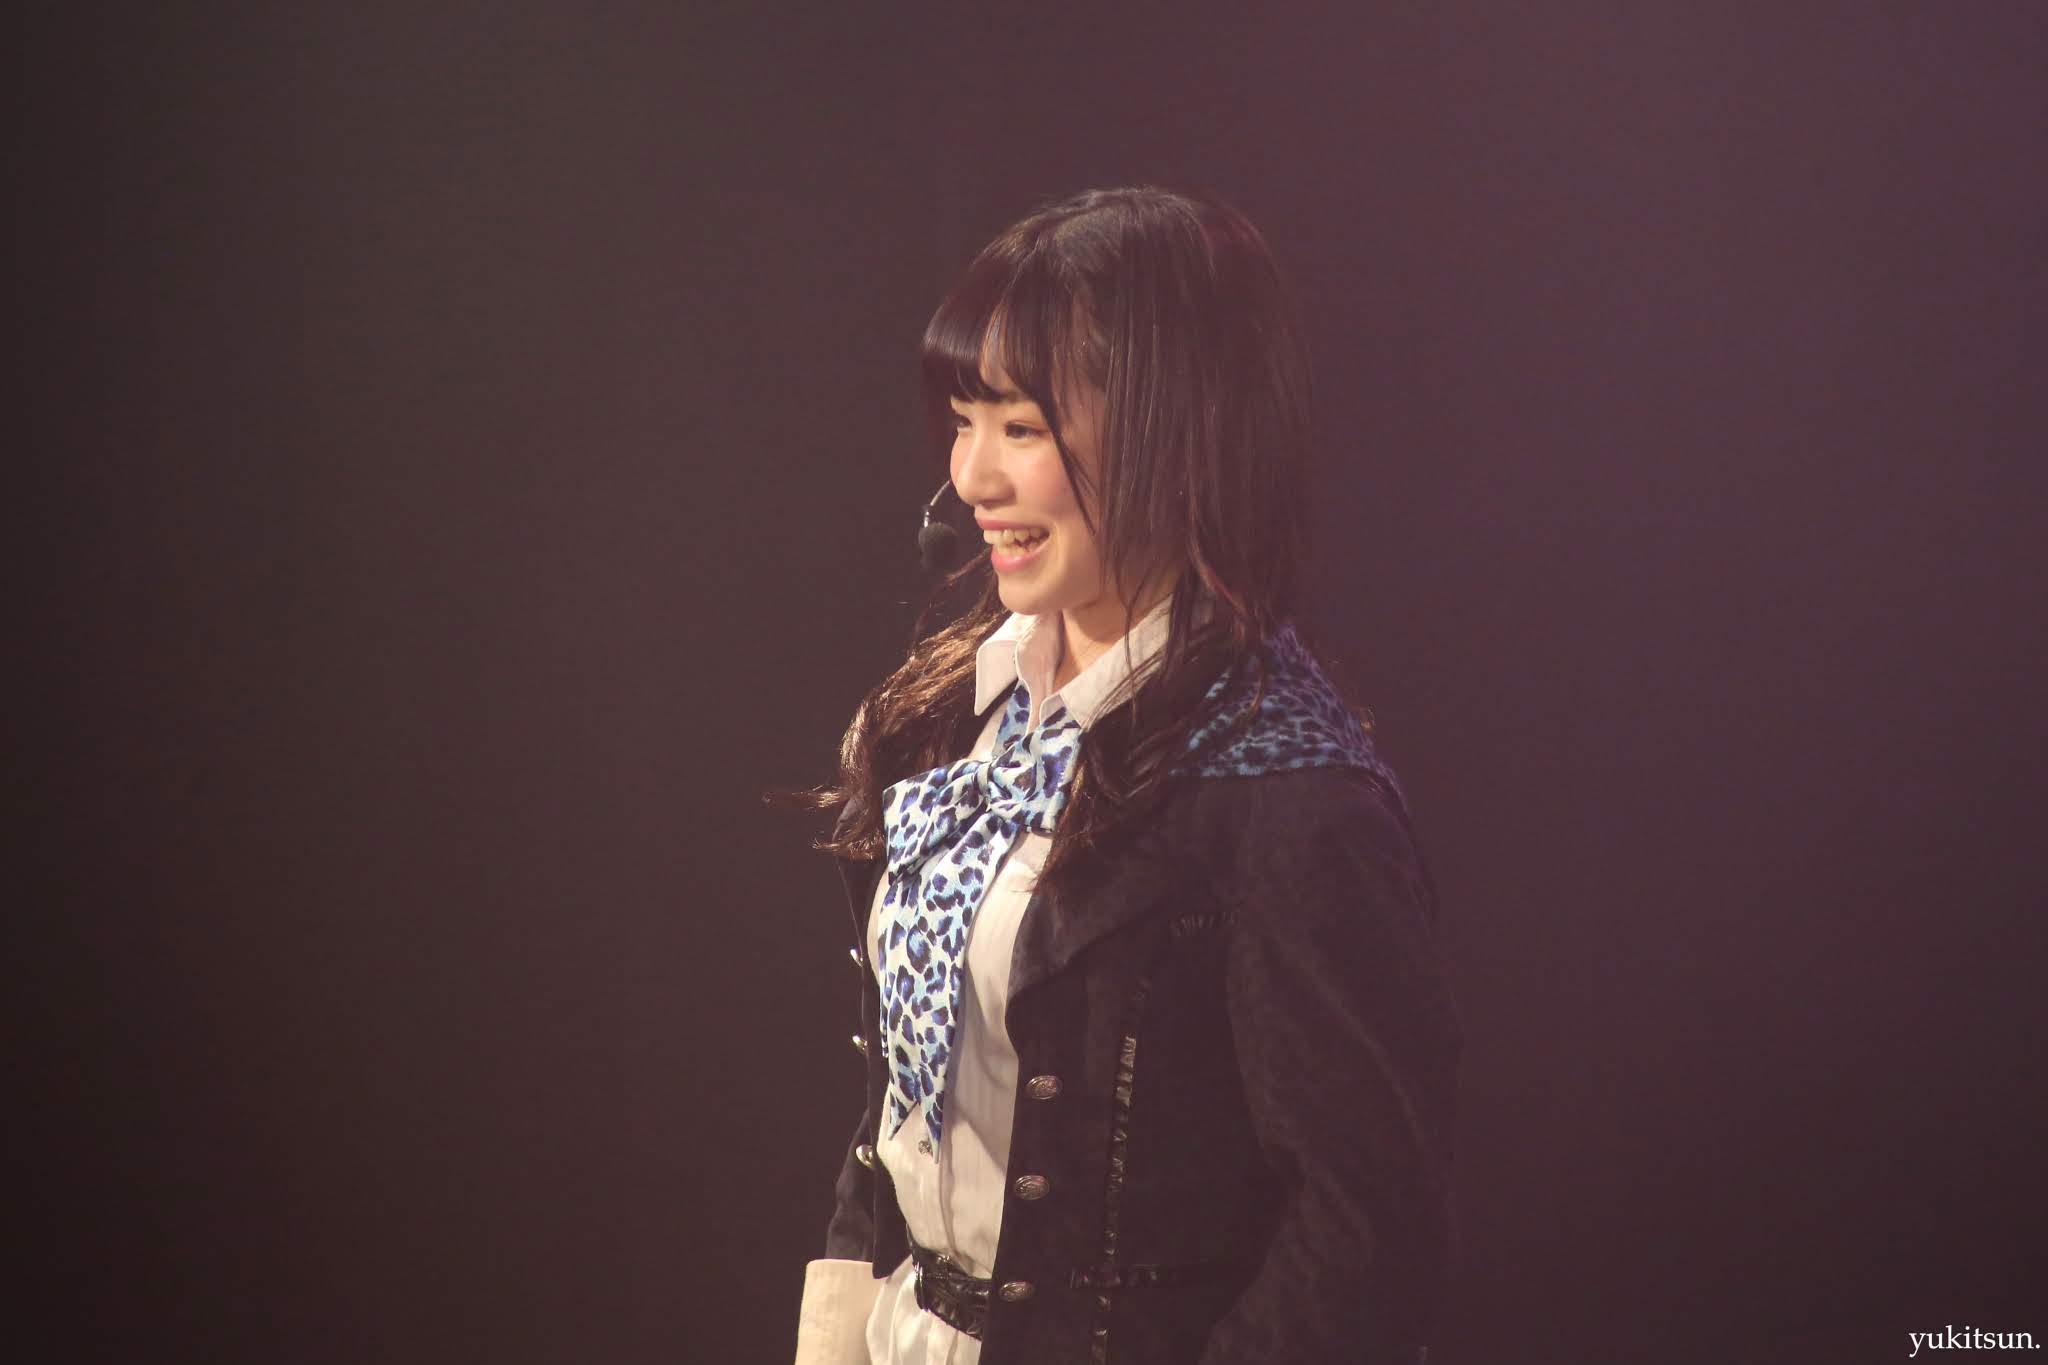 shinjidai-92